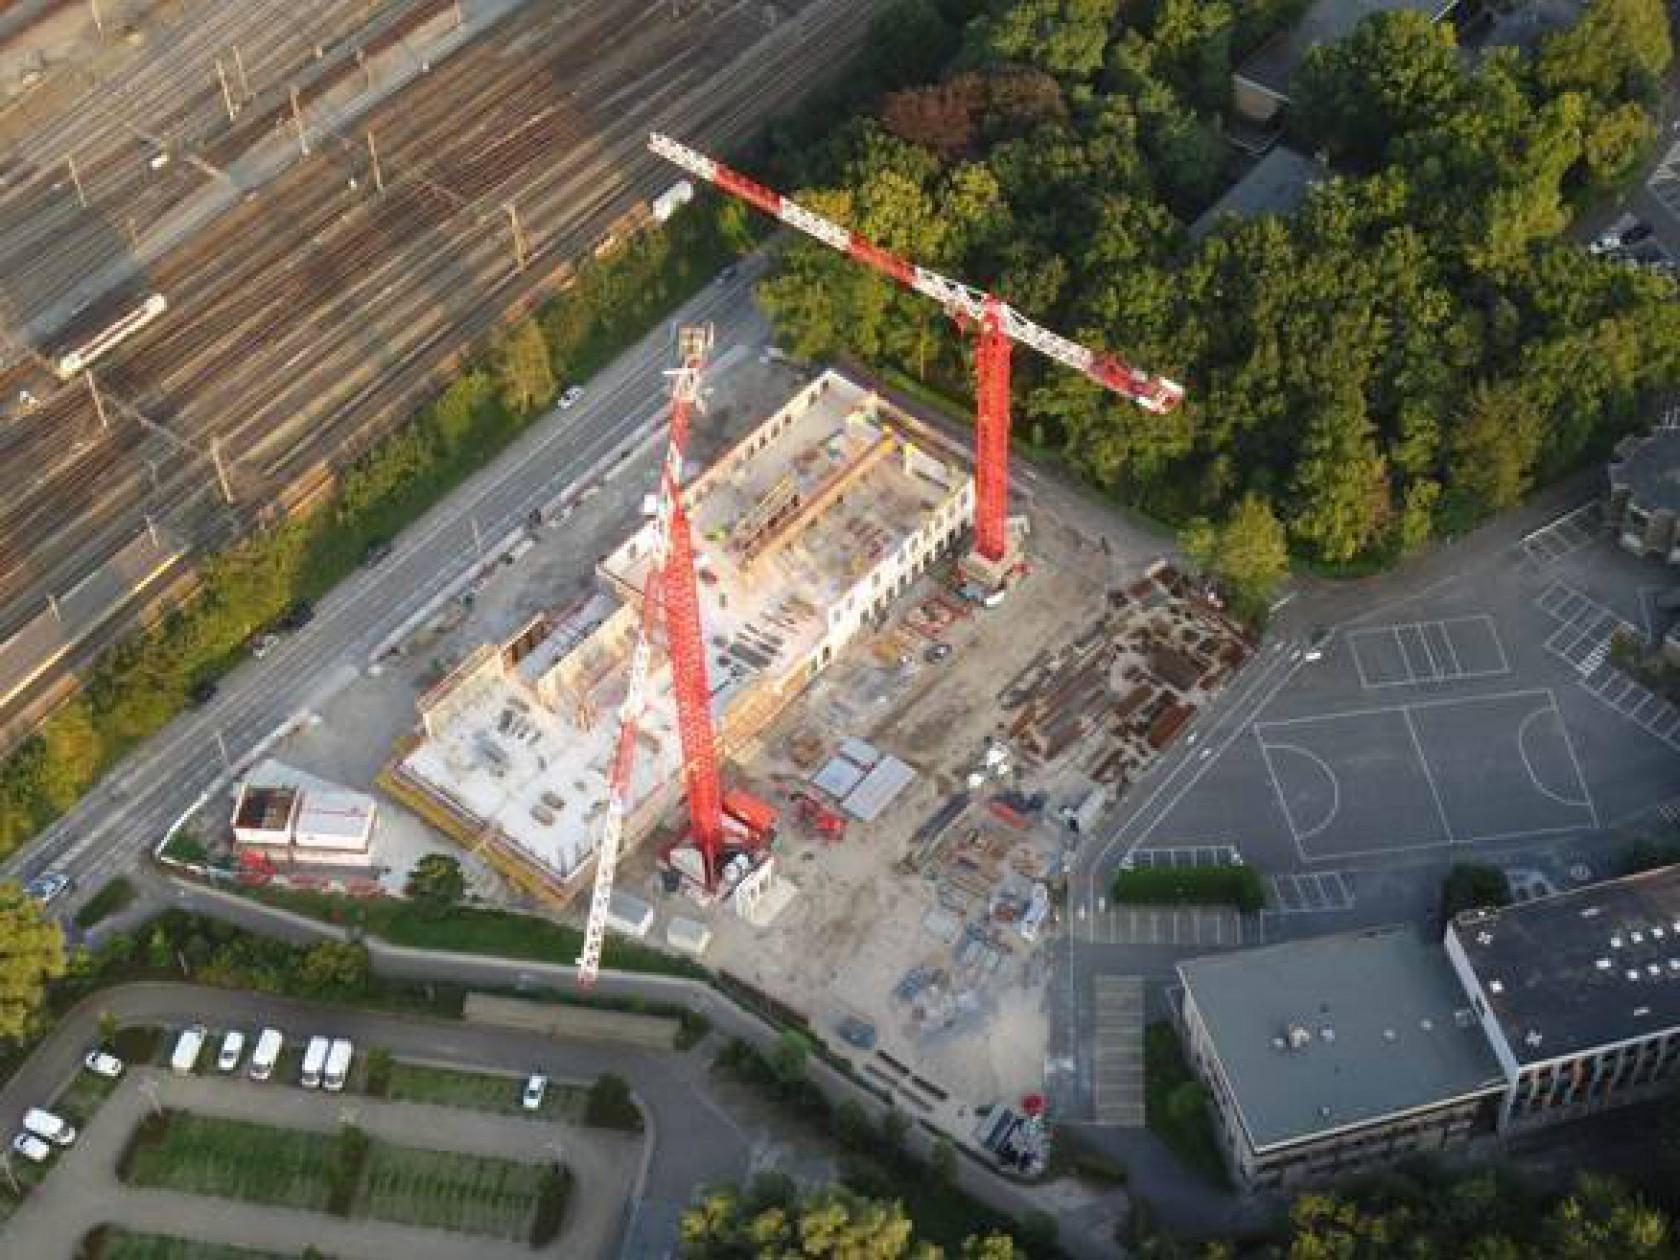 Abscis Architecten - KULAB in volle opbouw